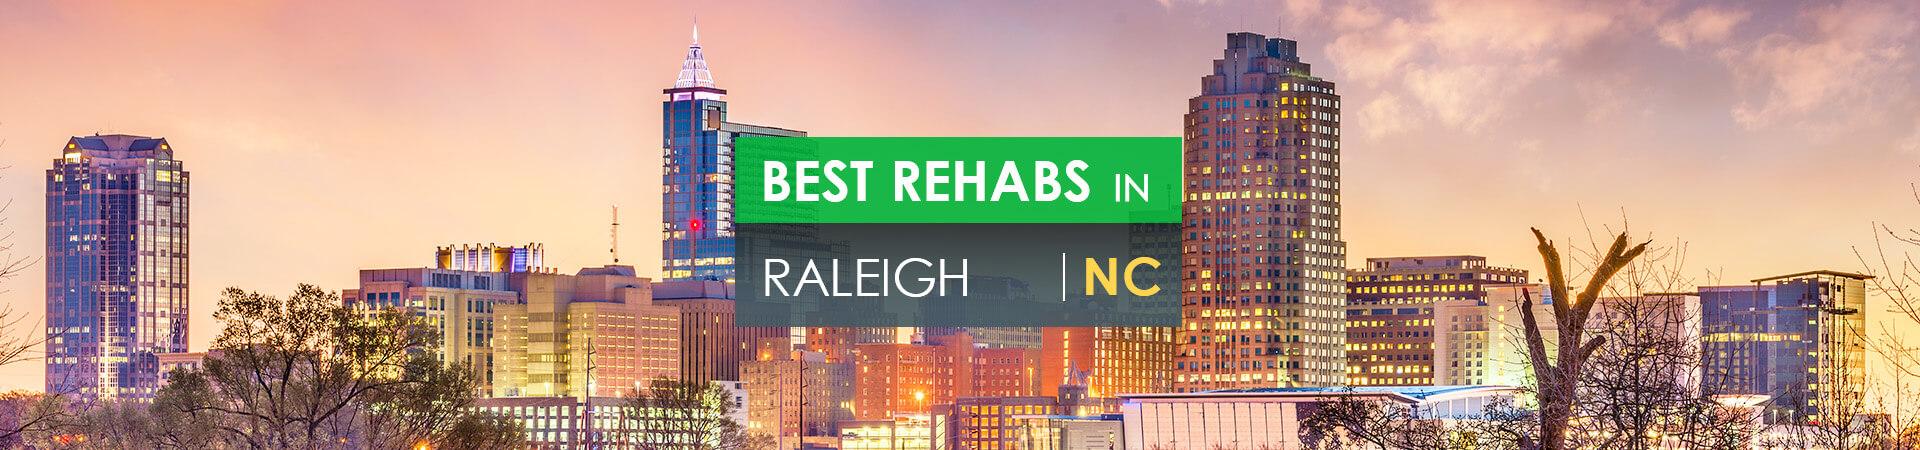 Best rehabs in Raleigh, NC